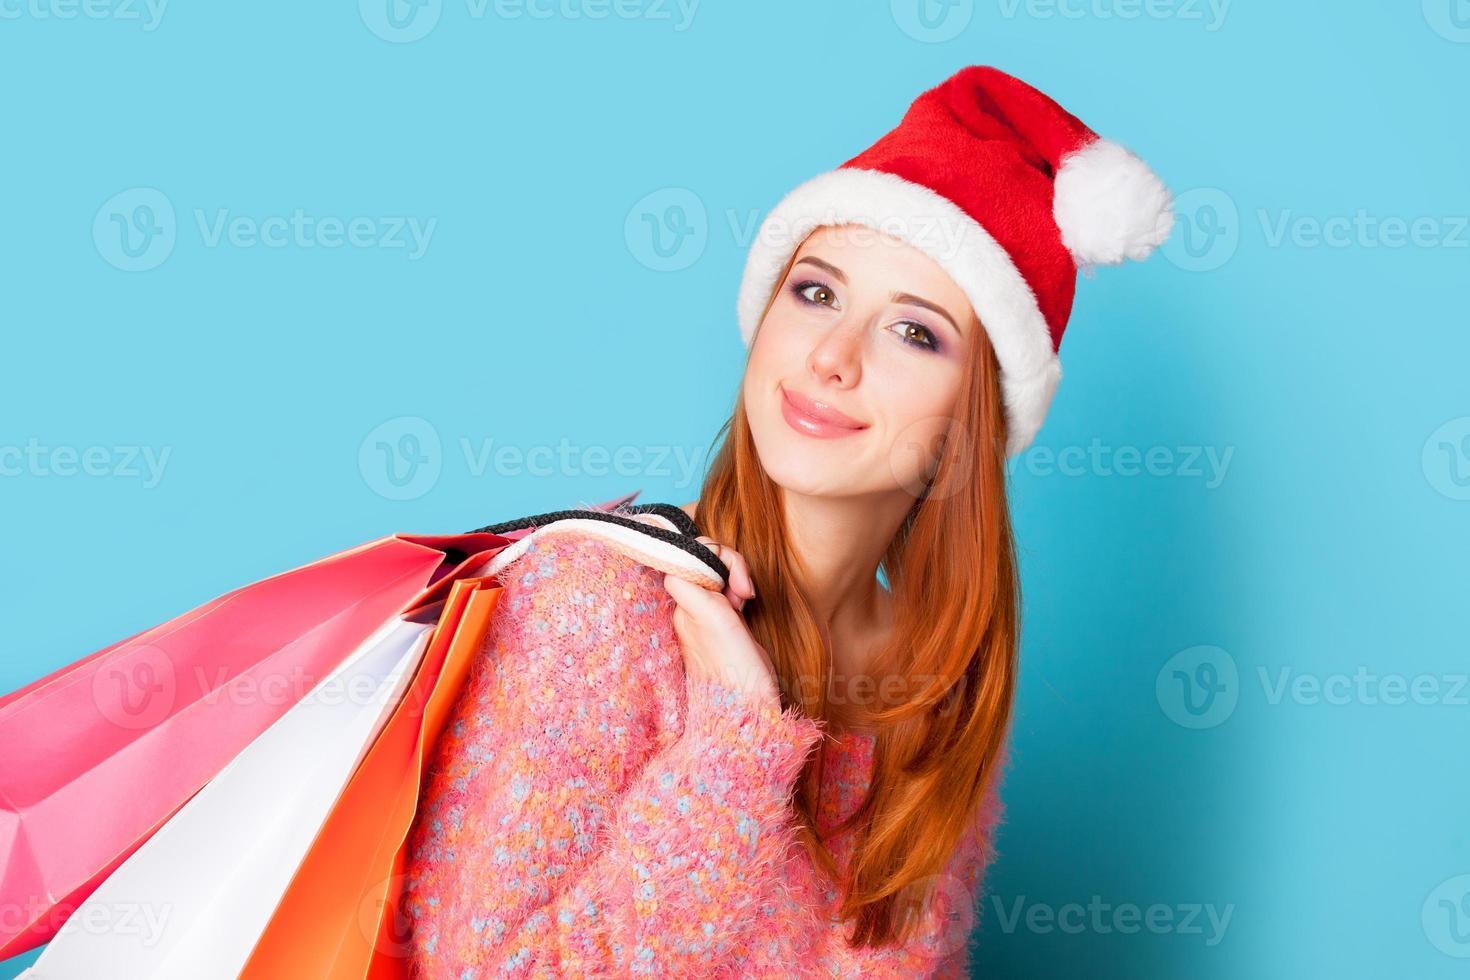 pelirroja con bolsas de la compra sobre fondo azul. foto